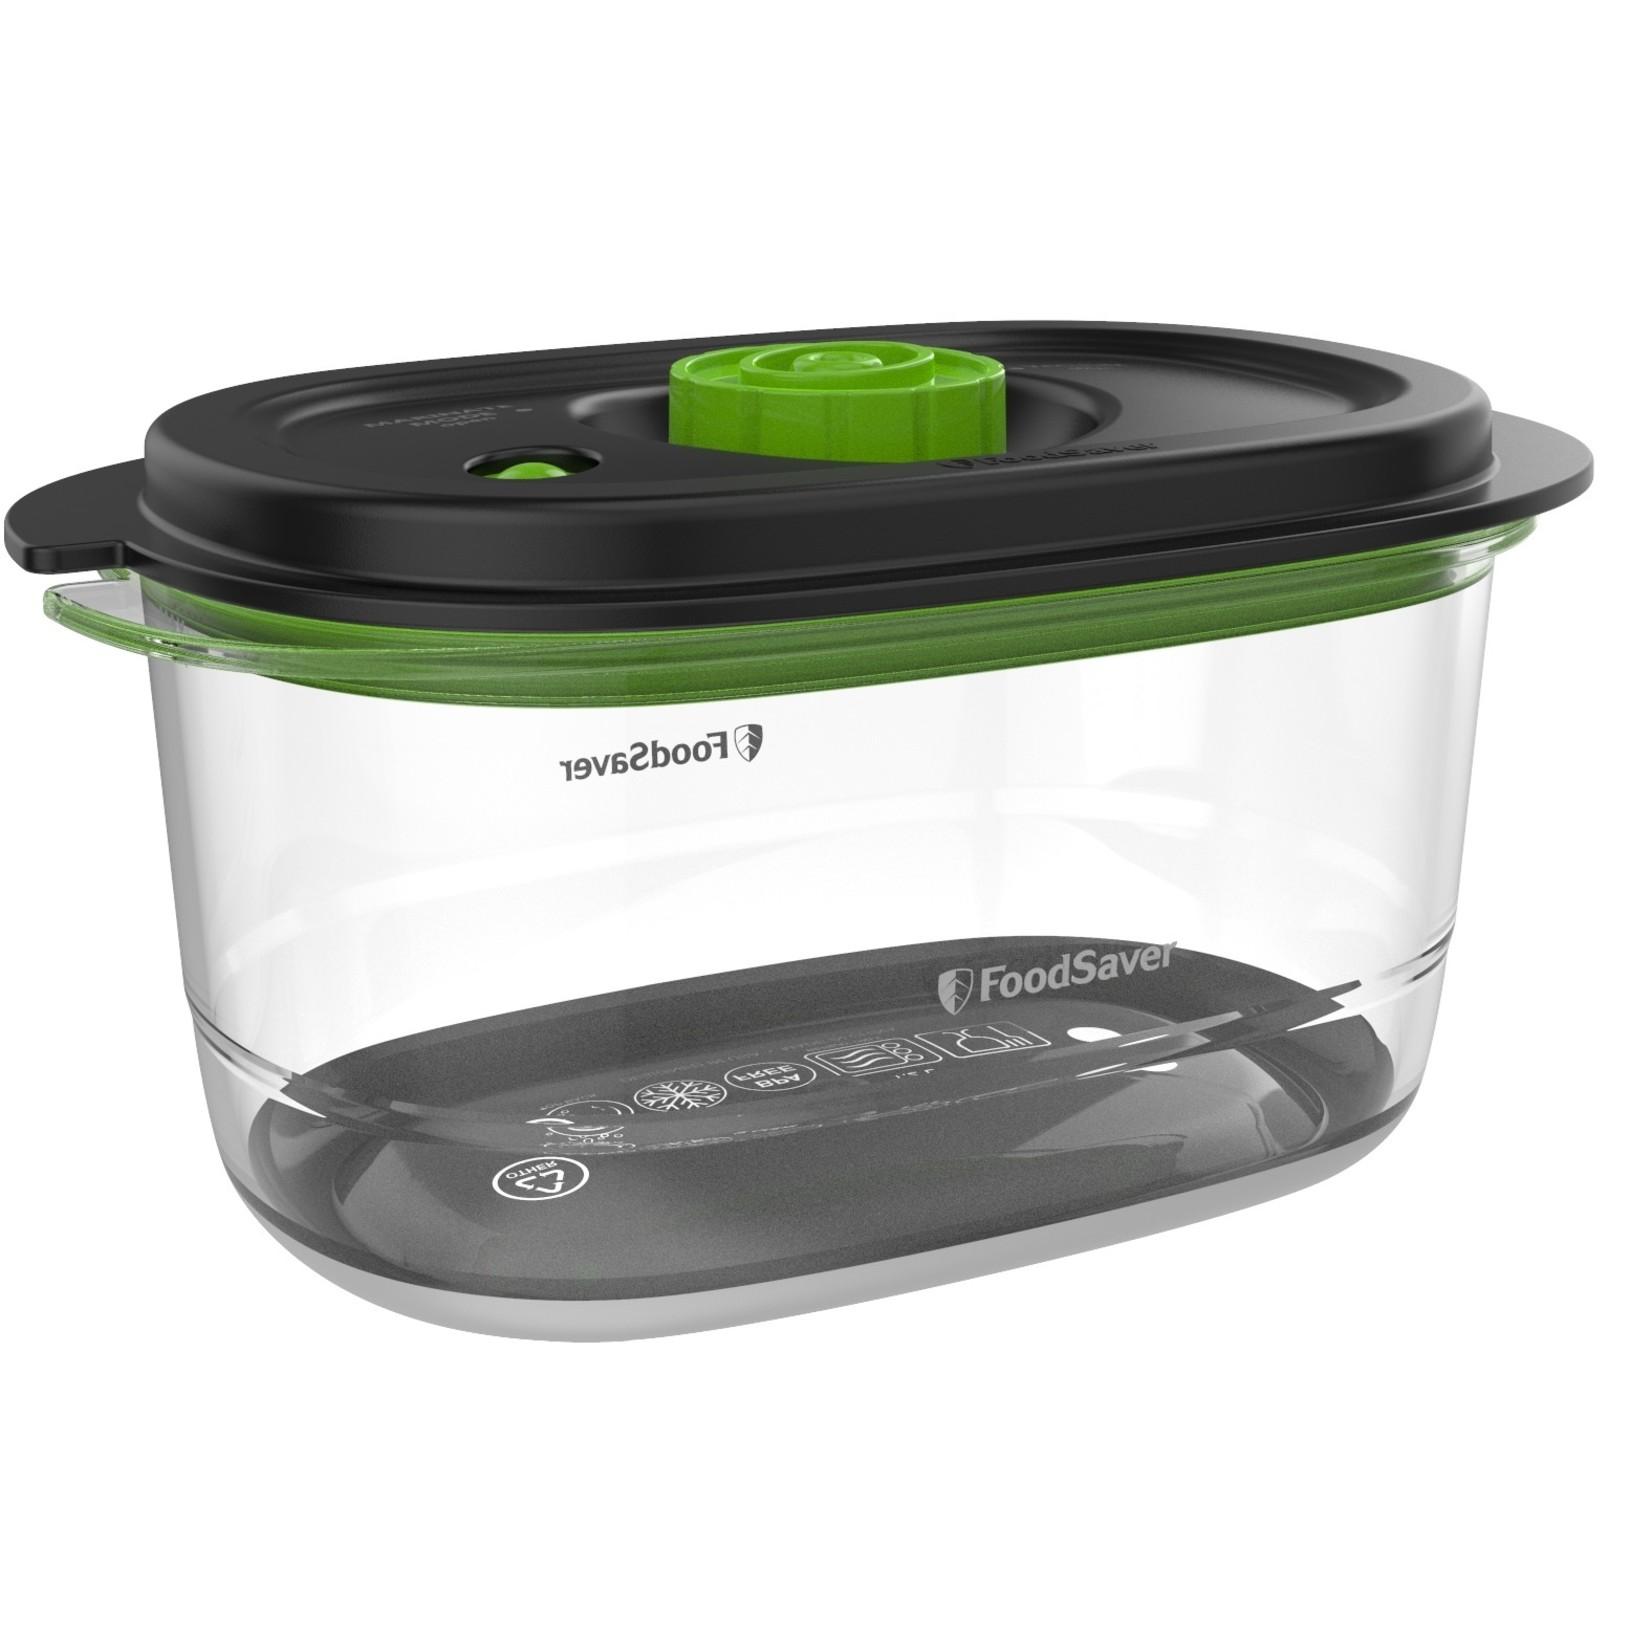 Foodsaver Foodsaver Fresh 2.0 vershouddoos 1,2 liter